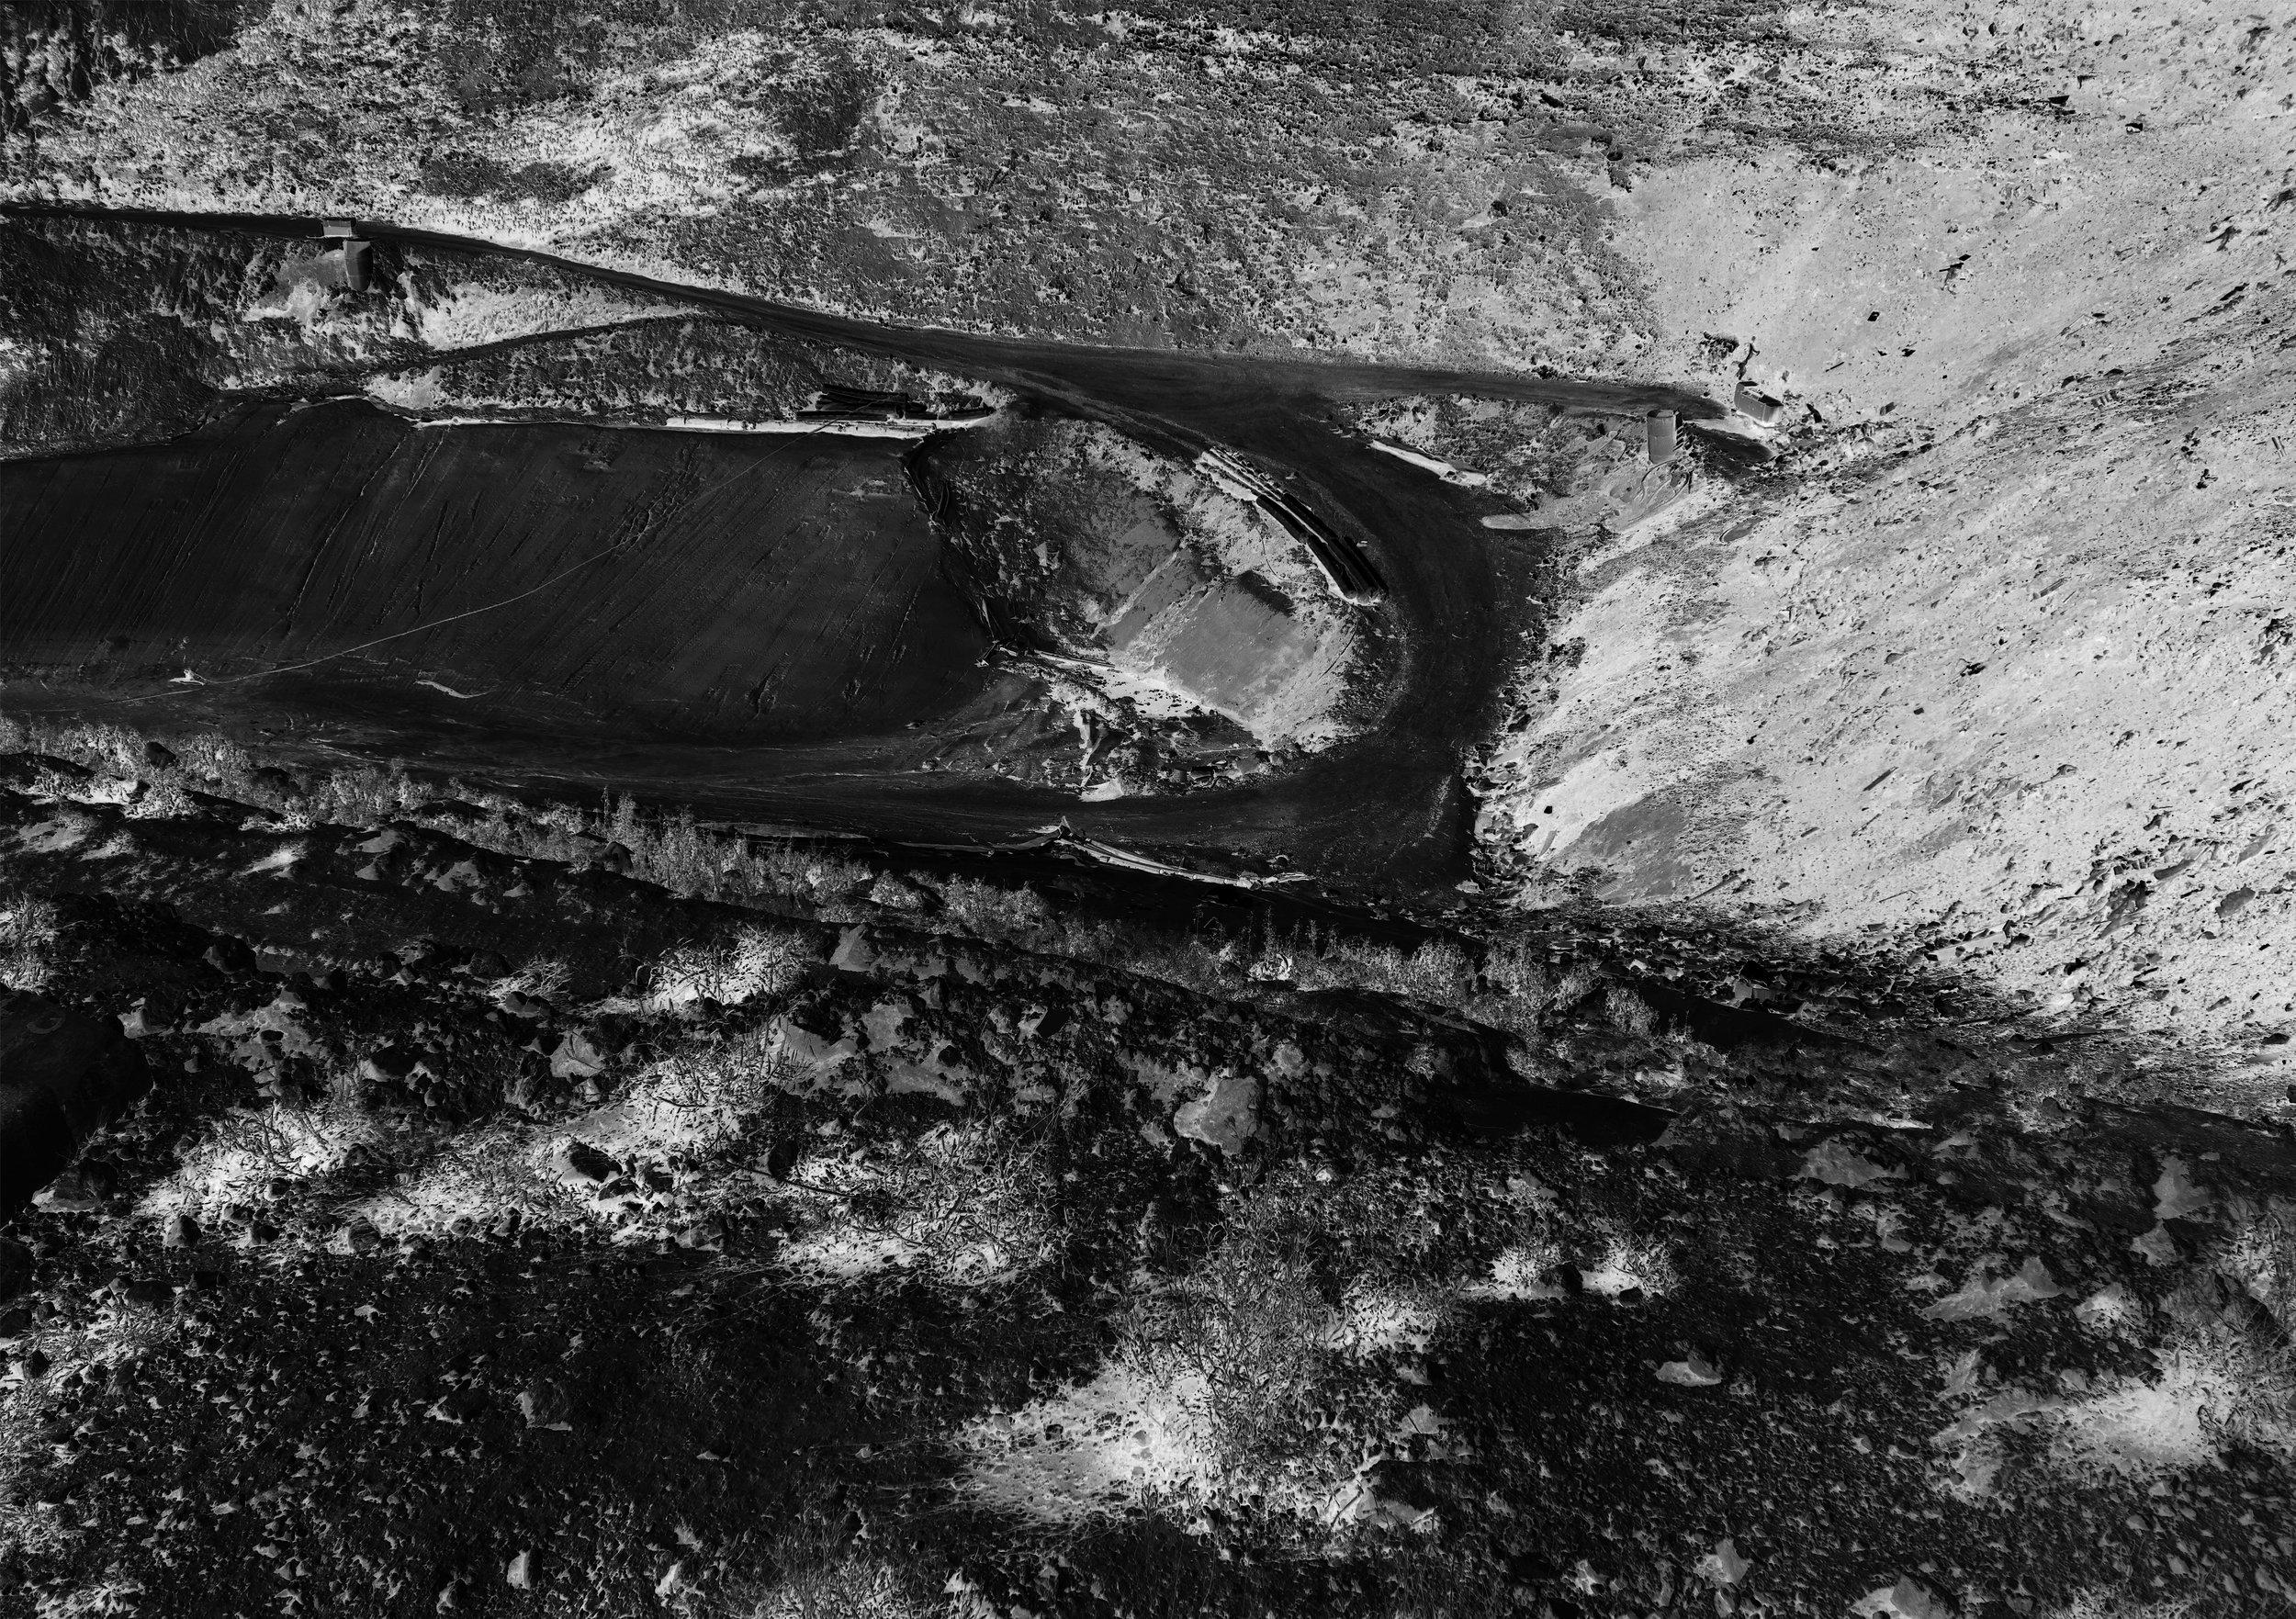 Għallis Landfill, Magħtab